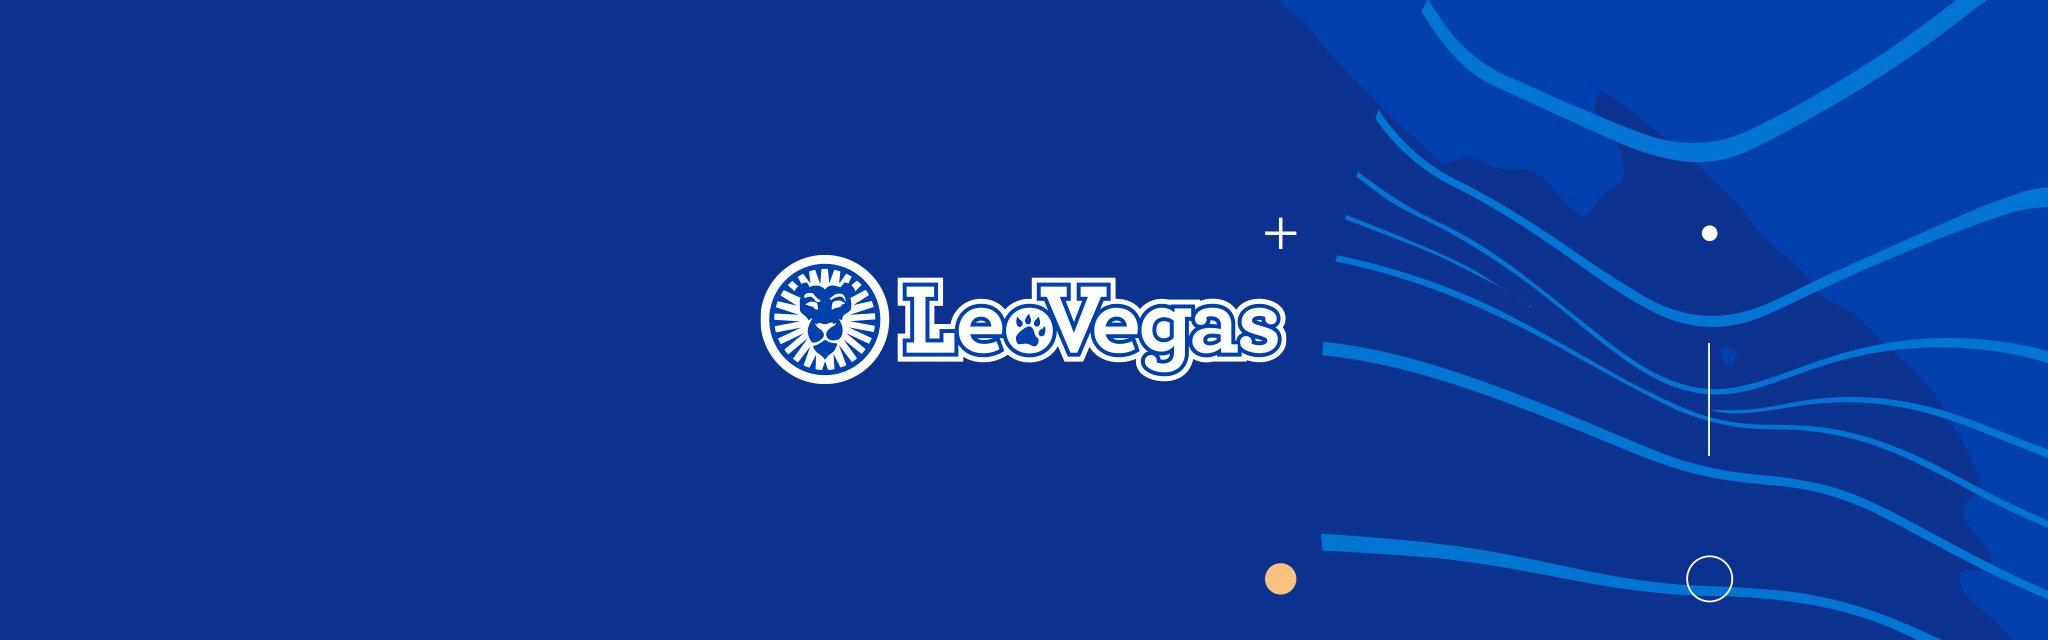 GiG Leo Vegas